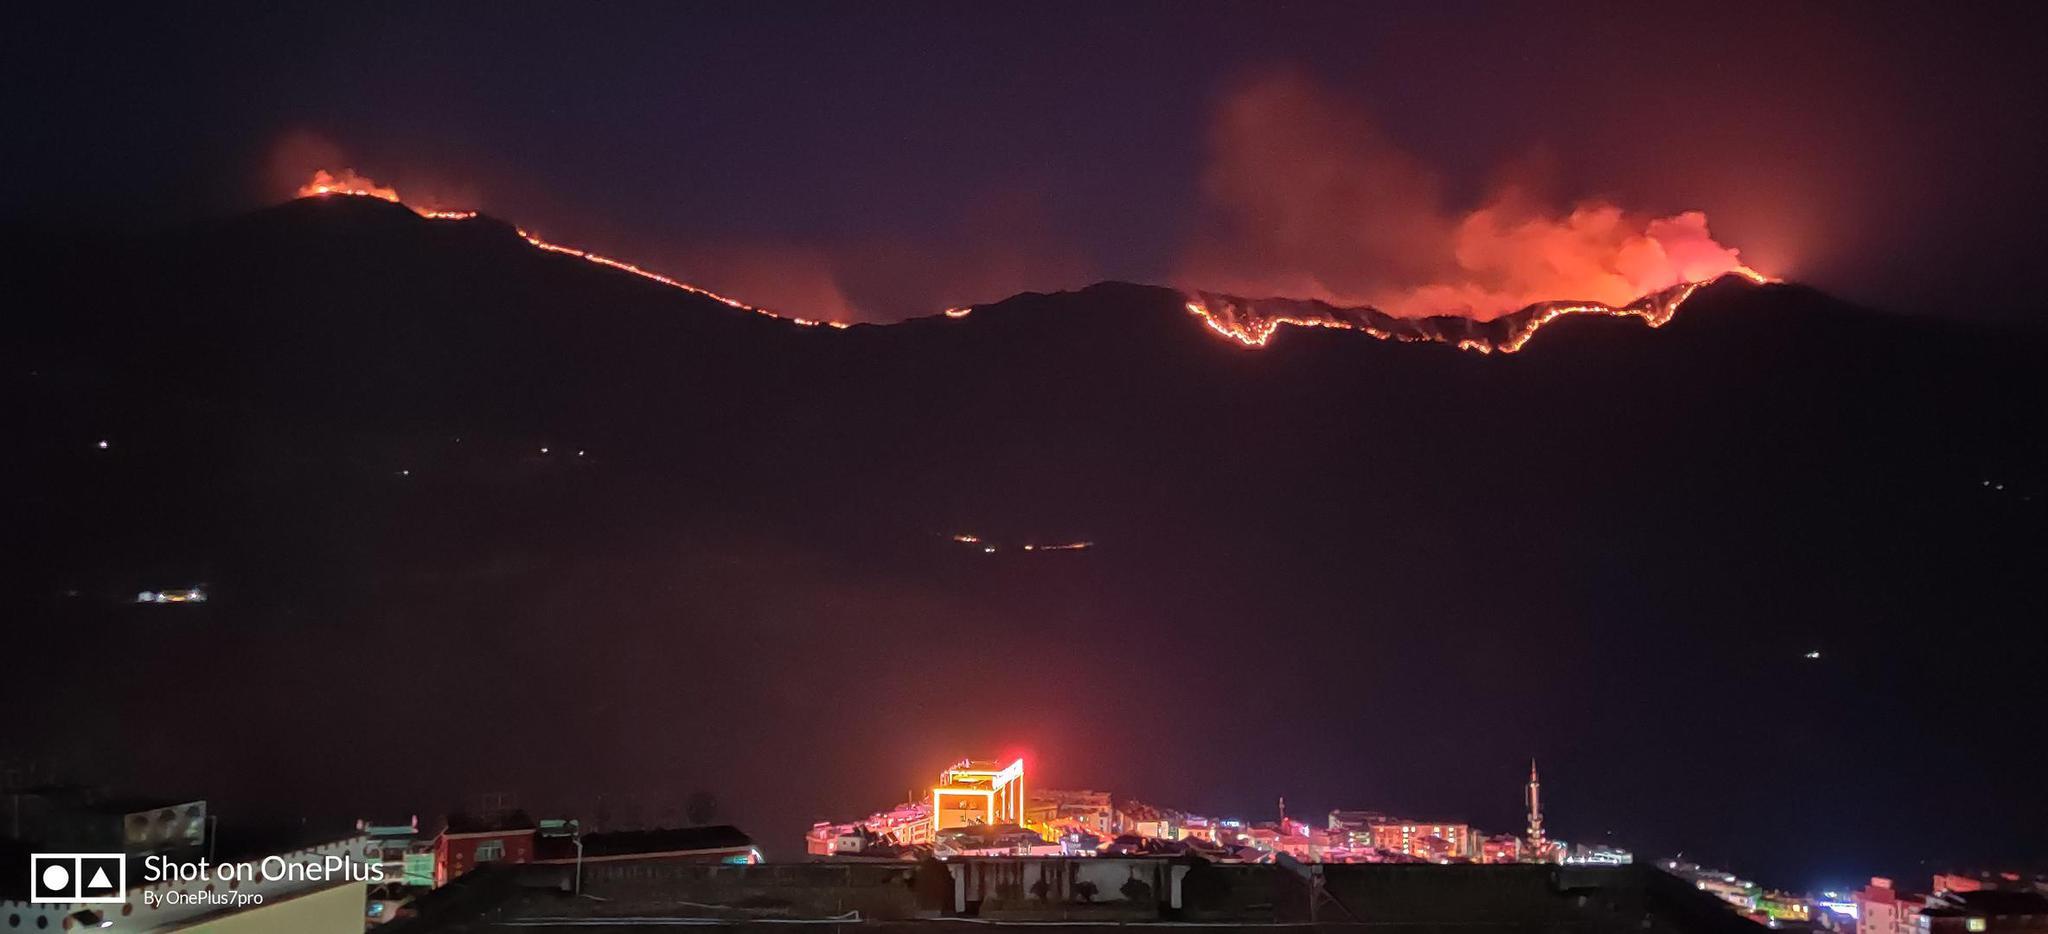 四川木里发生森林火灾 居民:可见延绵明火 火势比头天晚上大